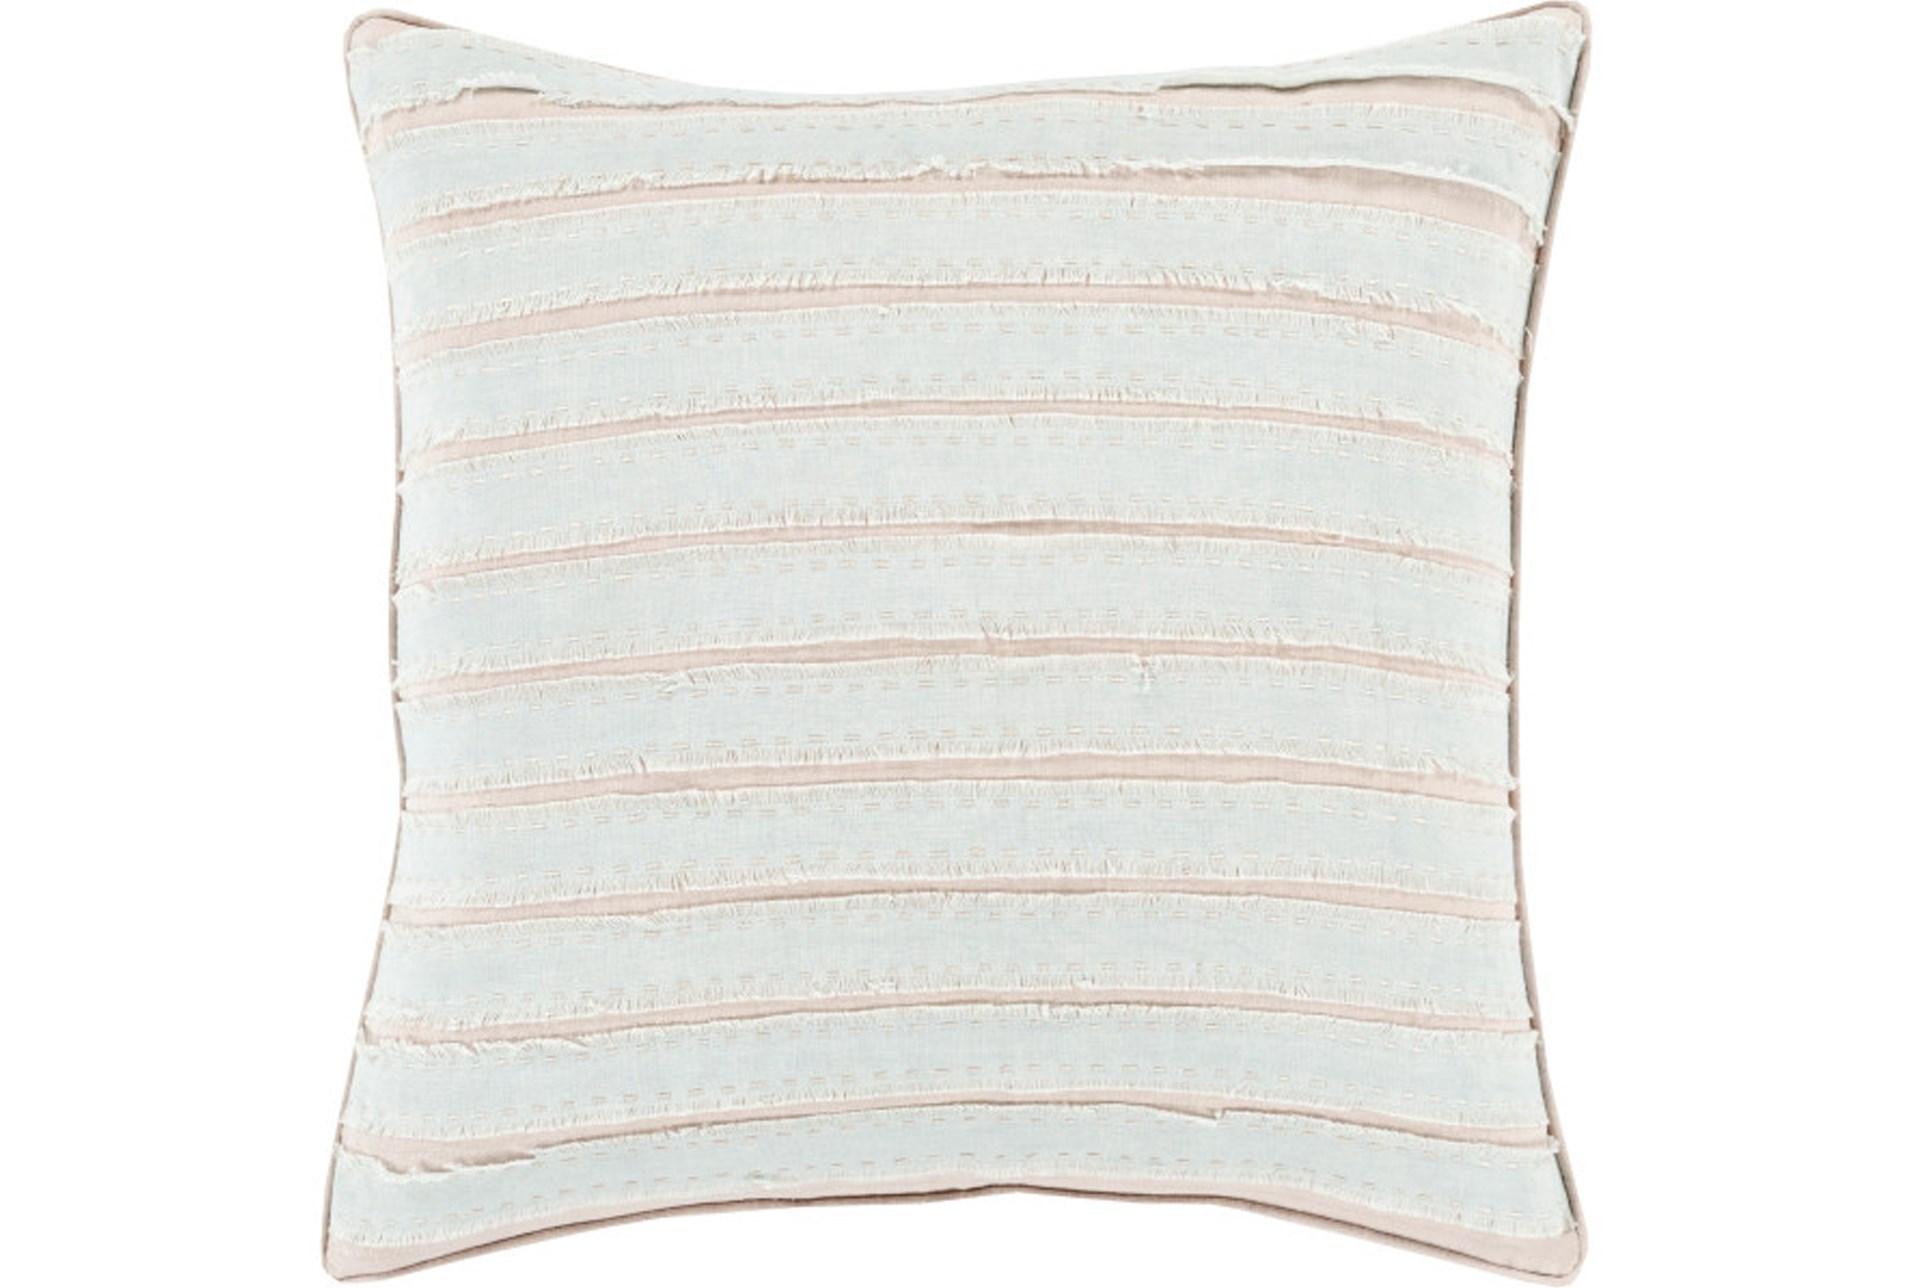 Decorative Pillows Living Spaces : Accent Pillow-Azalea Linen 18X18 Living Spaces